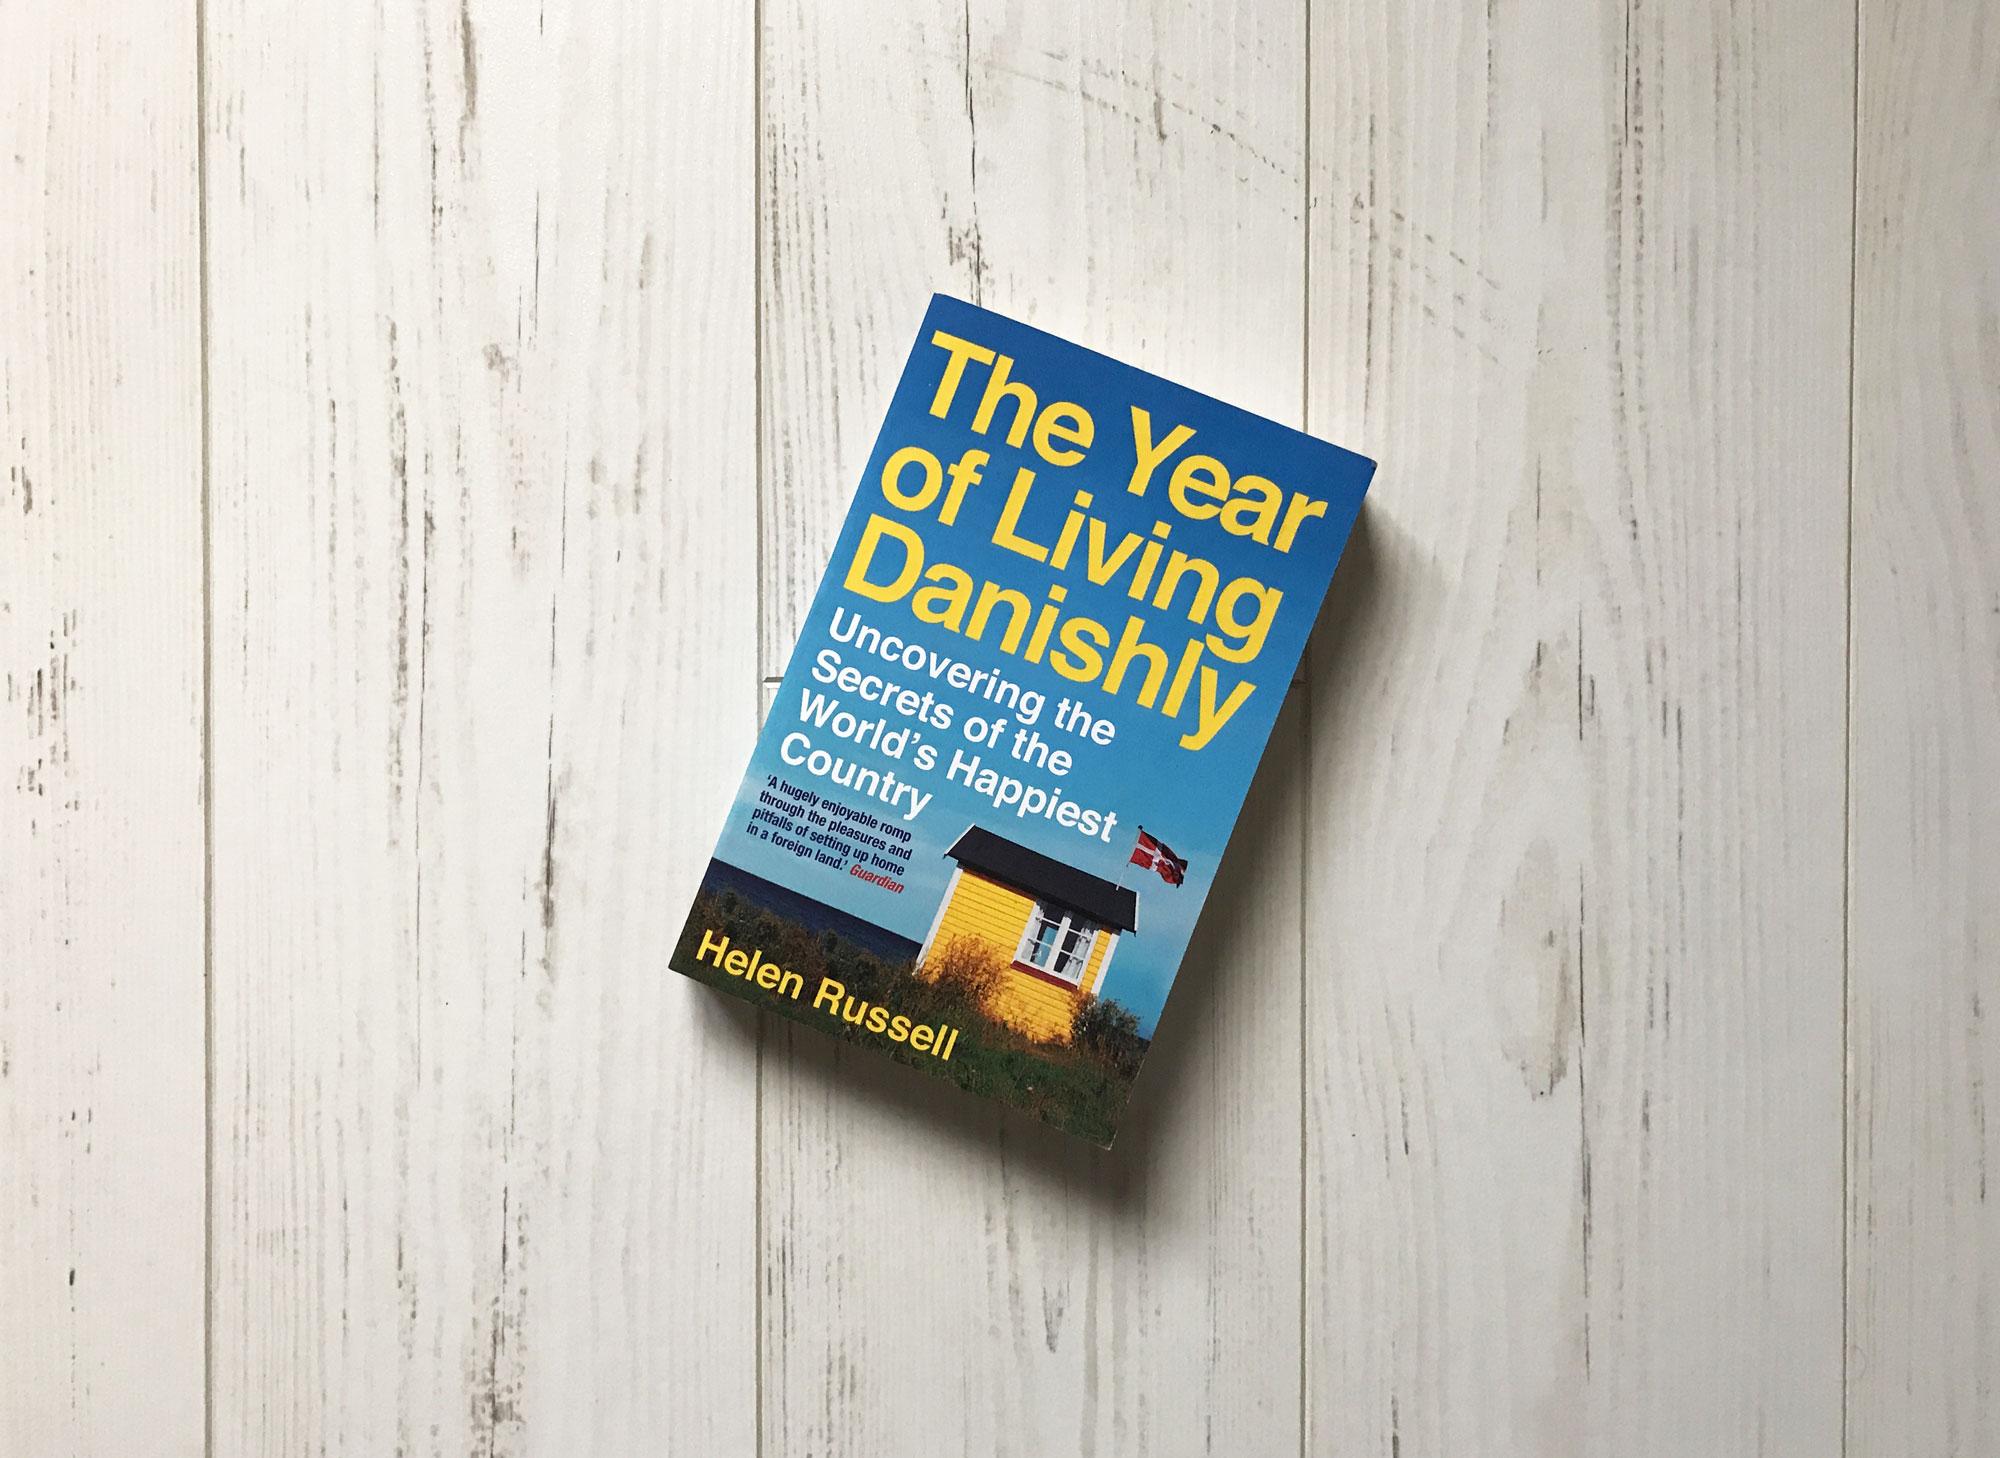 The Year of Living Danish